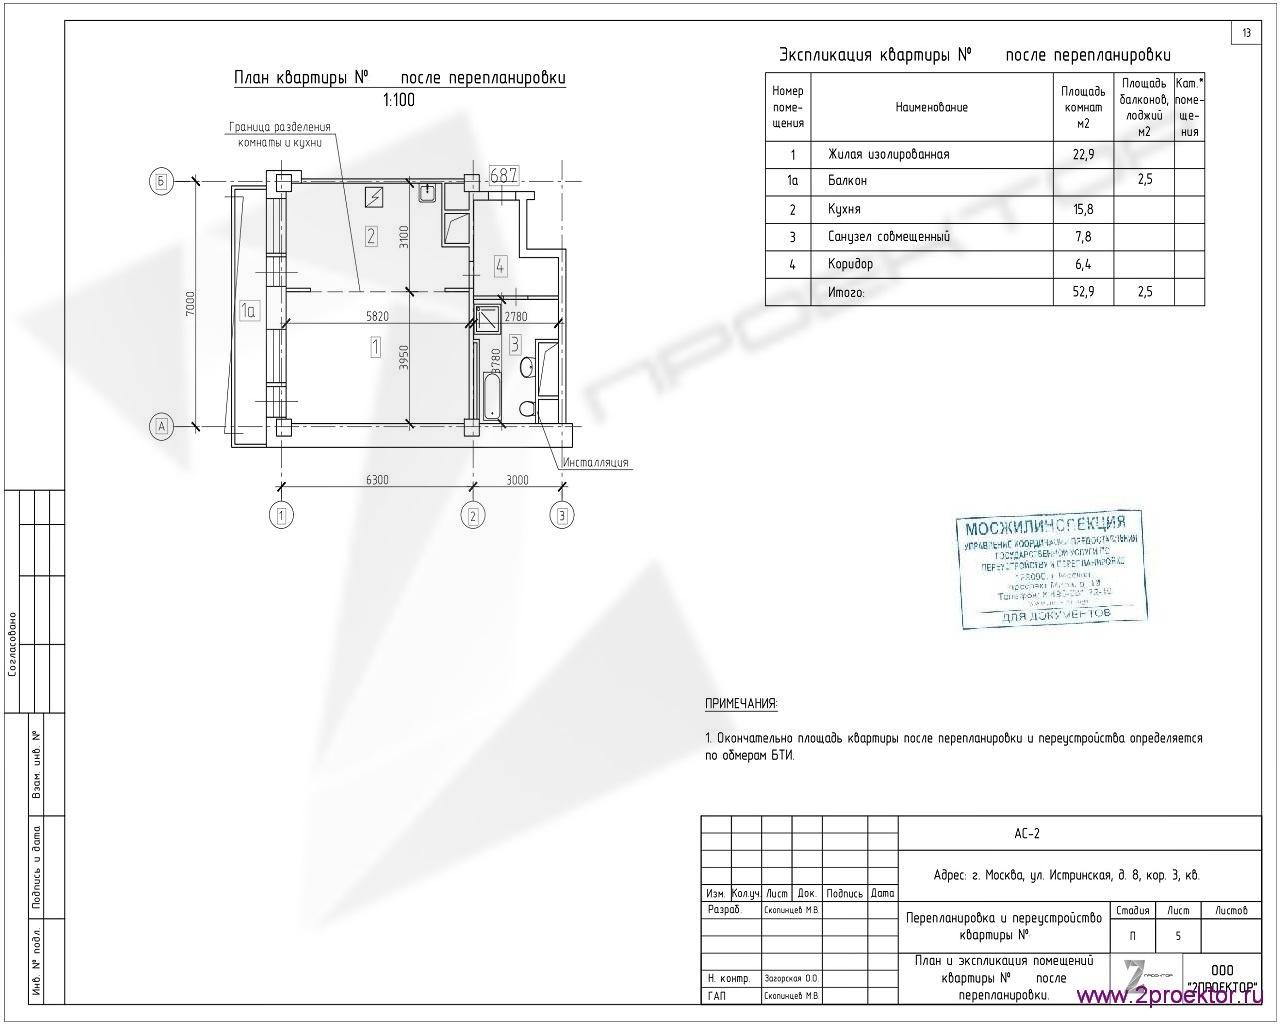 Вариант планировки квартиры в Жилом комплексе Пальмира, разработанный специалистами ООО «2Проектор» и согласованный Мосжилинспекцией.